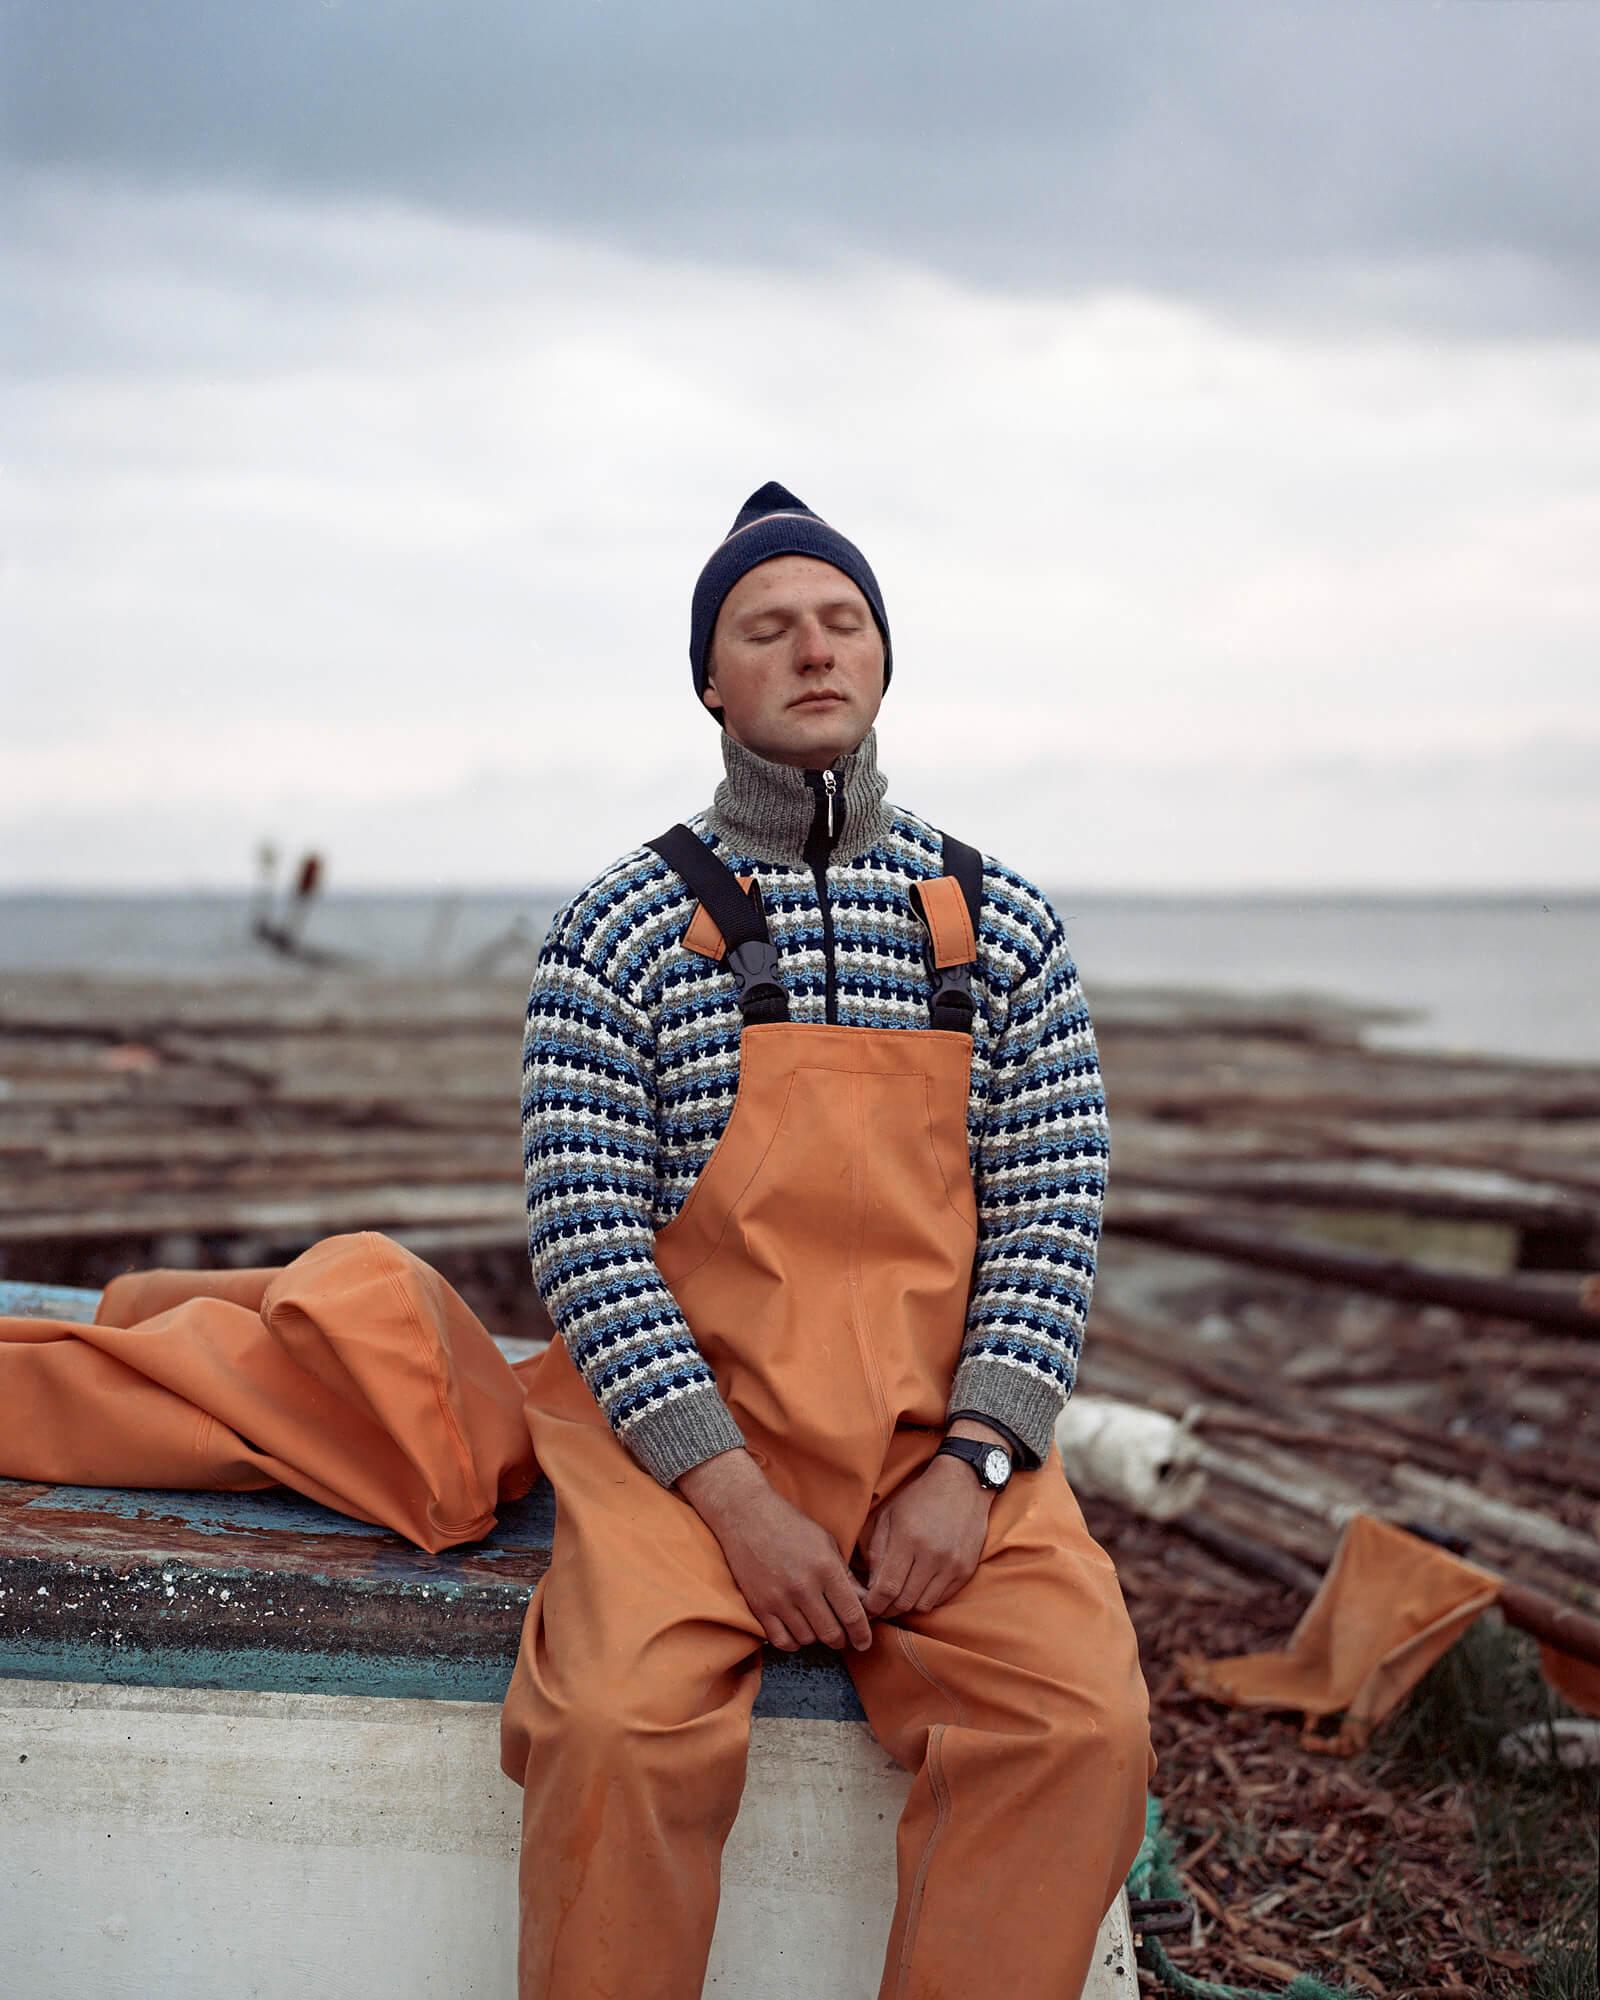 Tadas Kazakevicius - Between Two Shores fisherman on beach